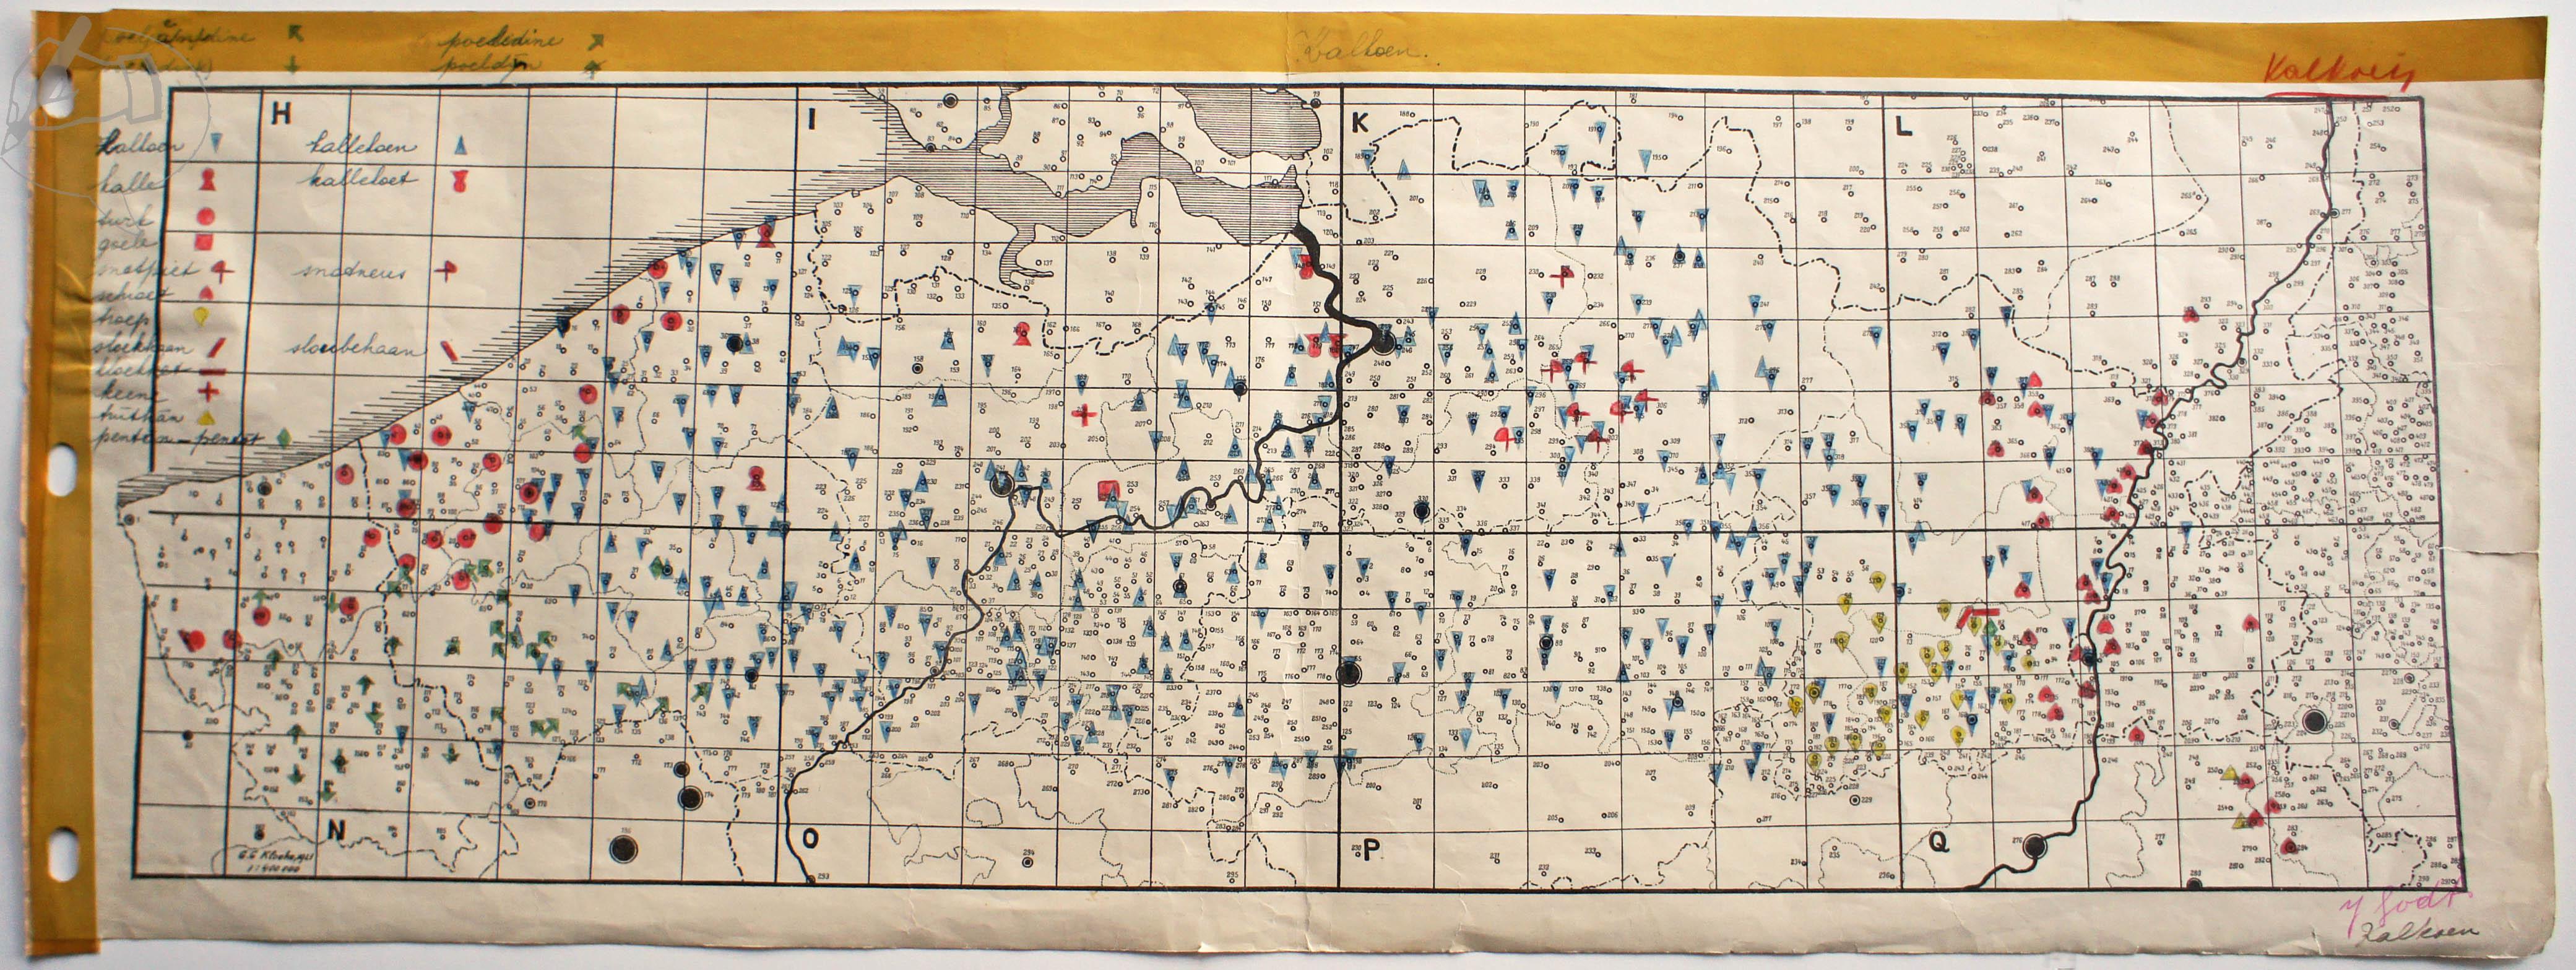 Kaart dialectwoorden kalkoen